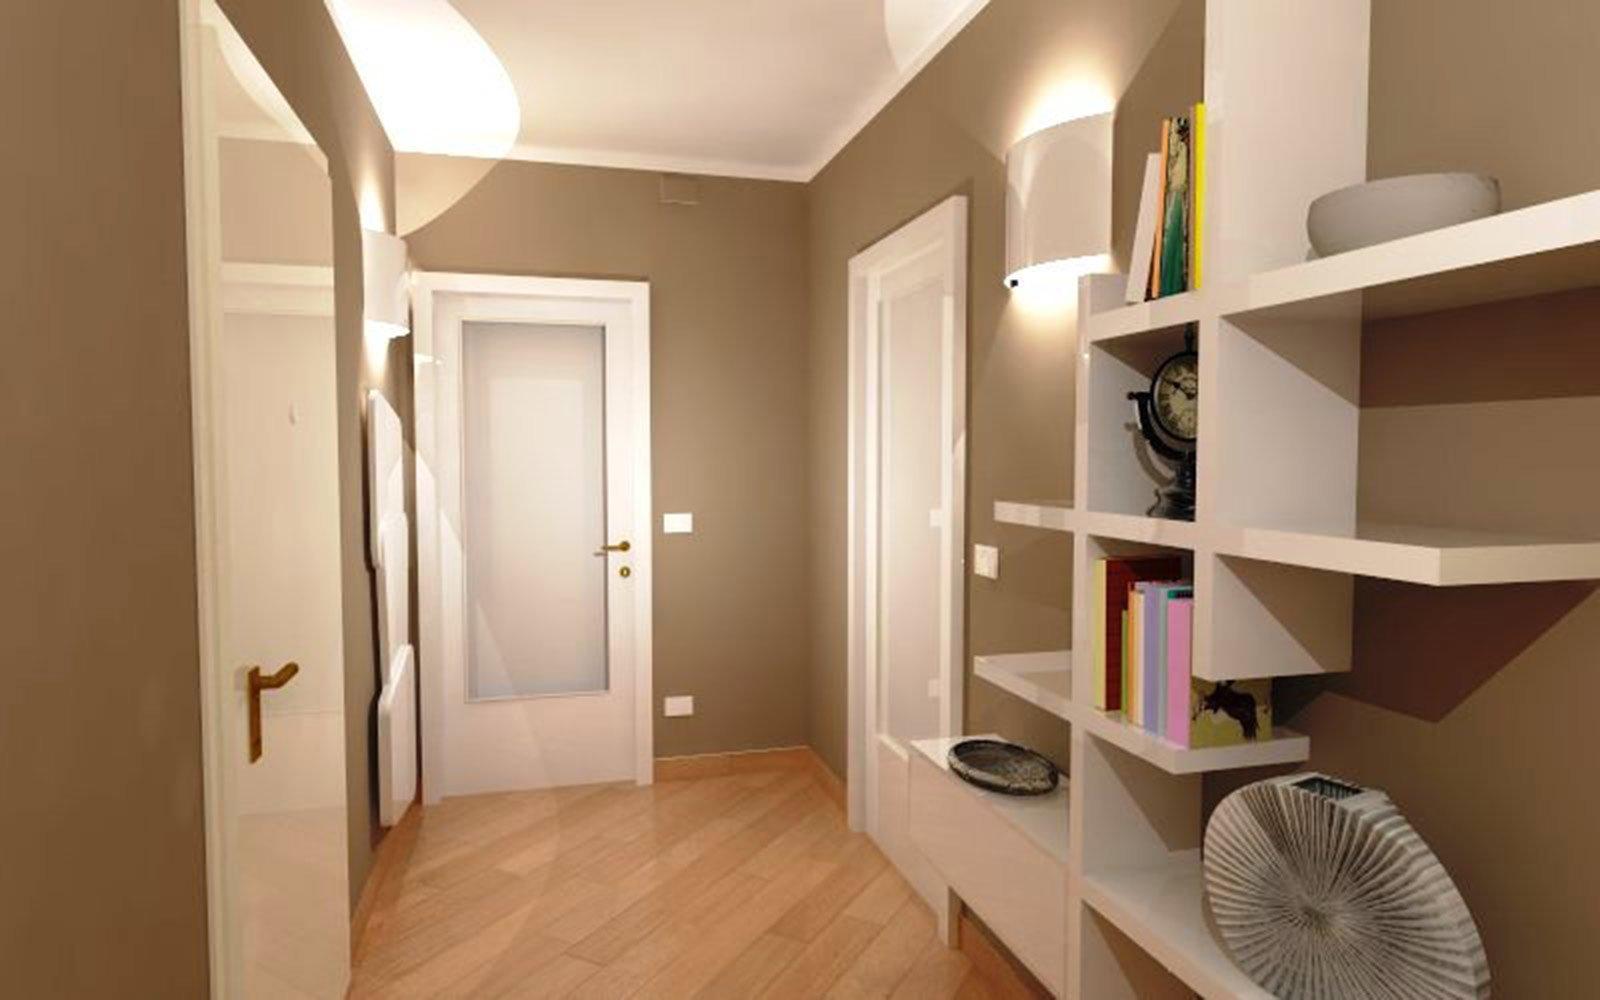 Corridoio quali finiture per pavimento e porte cose di - Dipingere mobili cucina vecchia ...